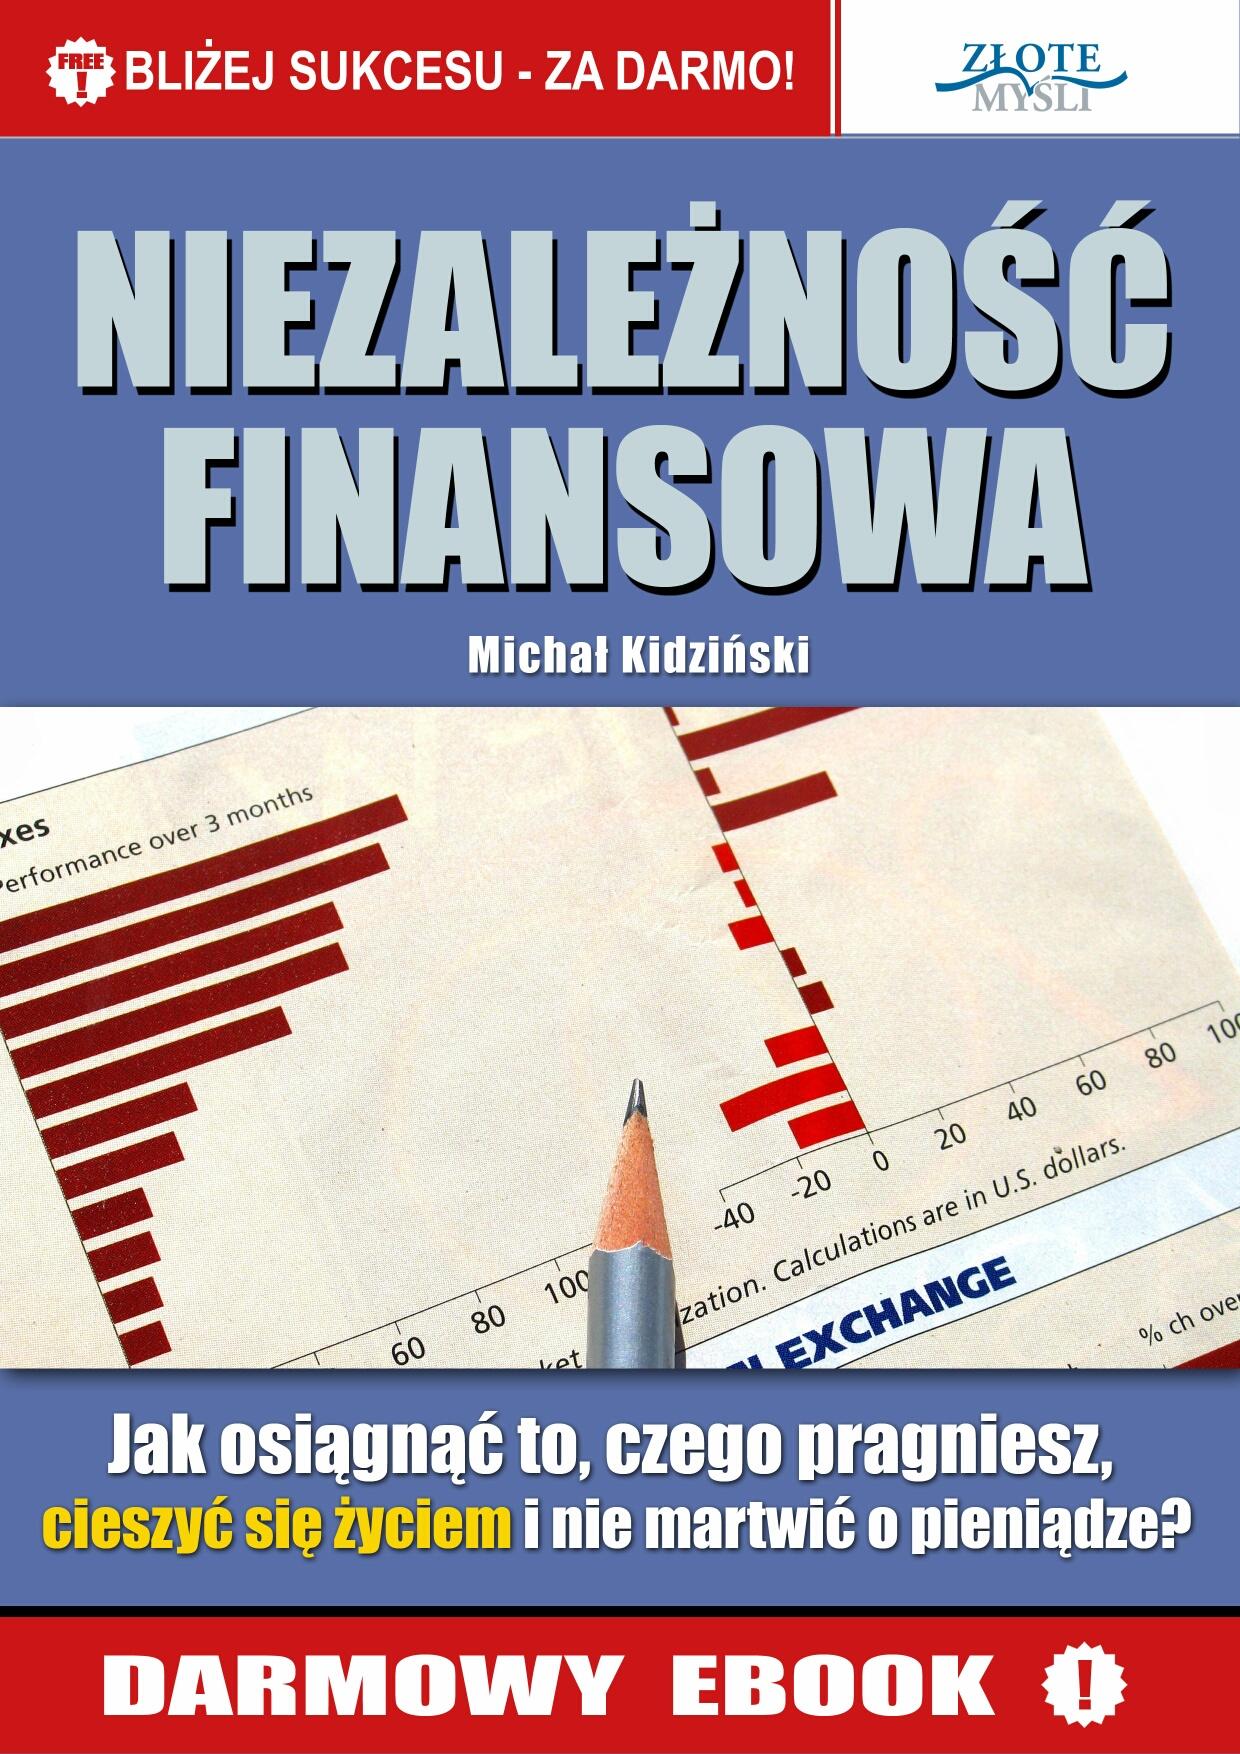 Michał Kidziński: Niezależność finansowa - okładka